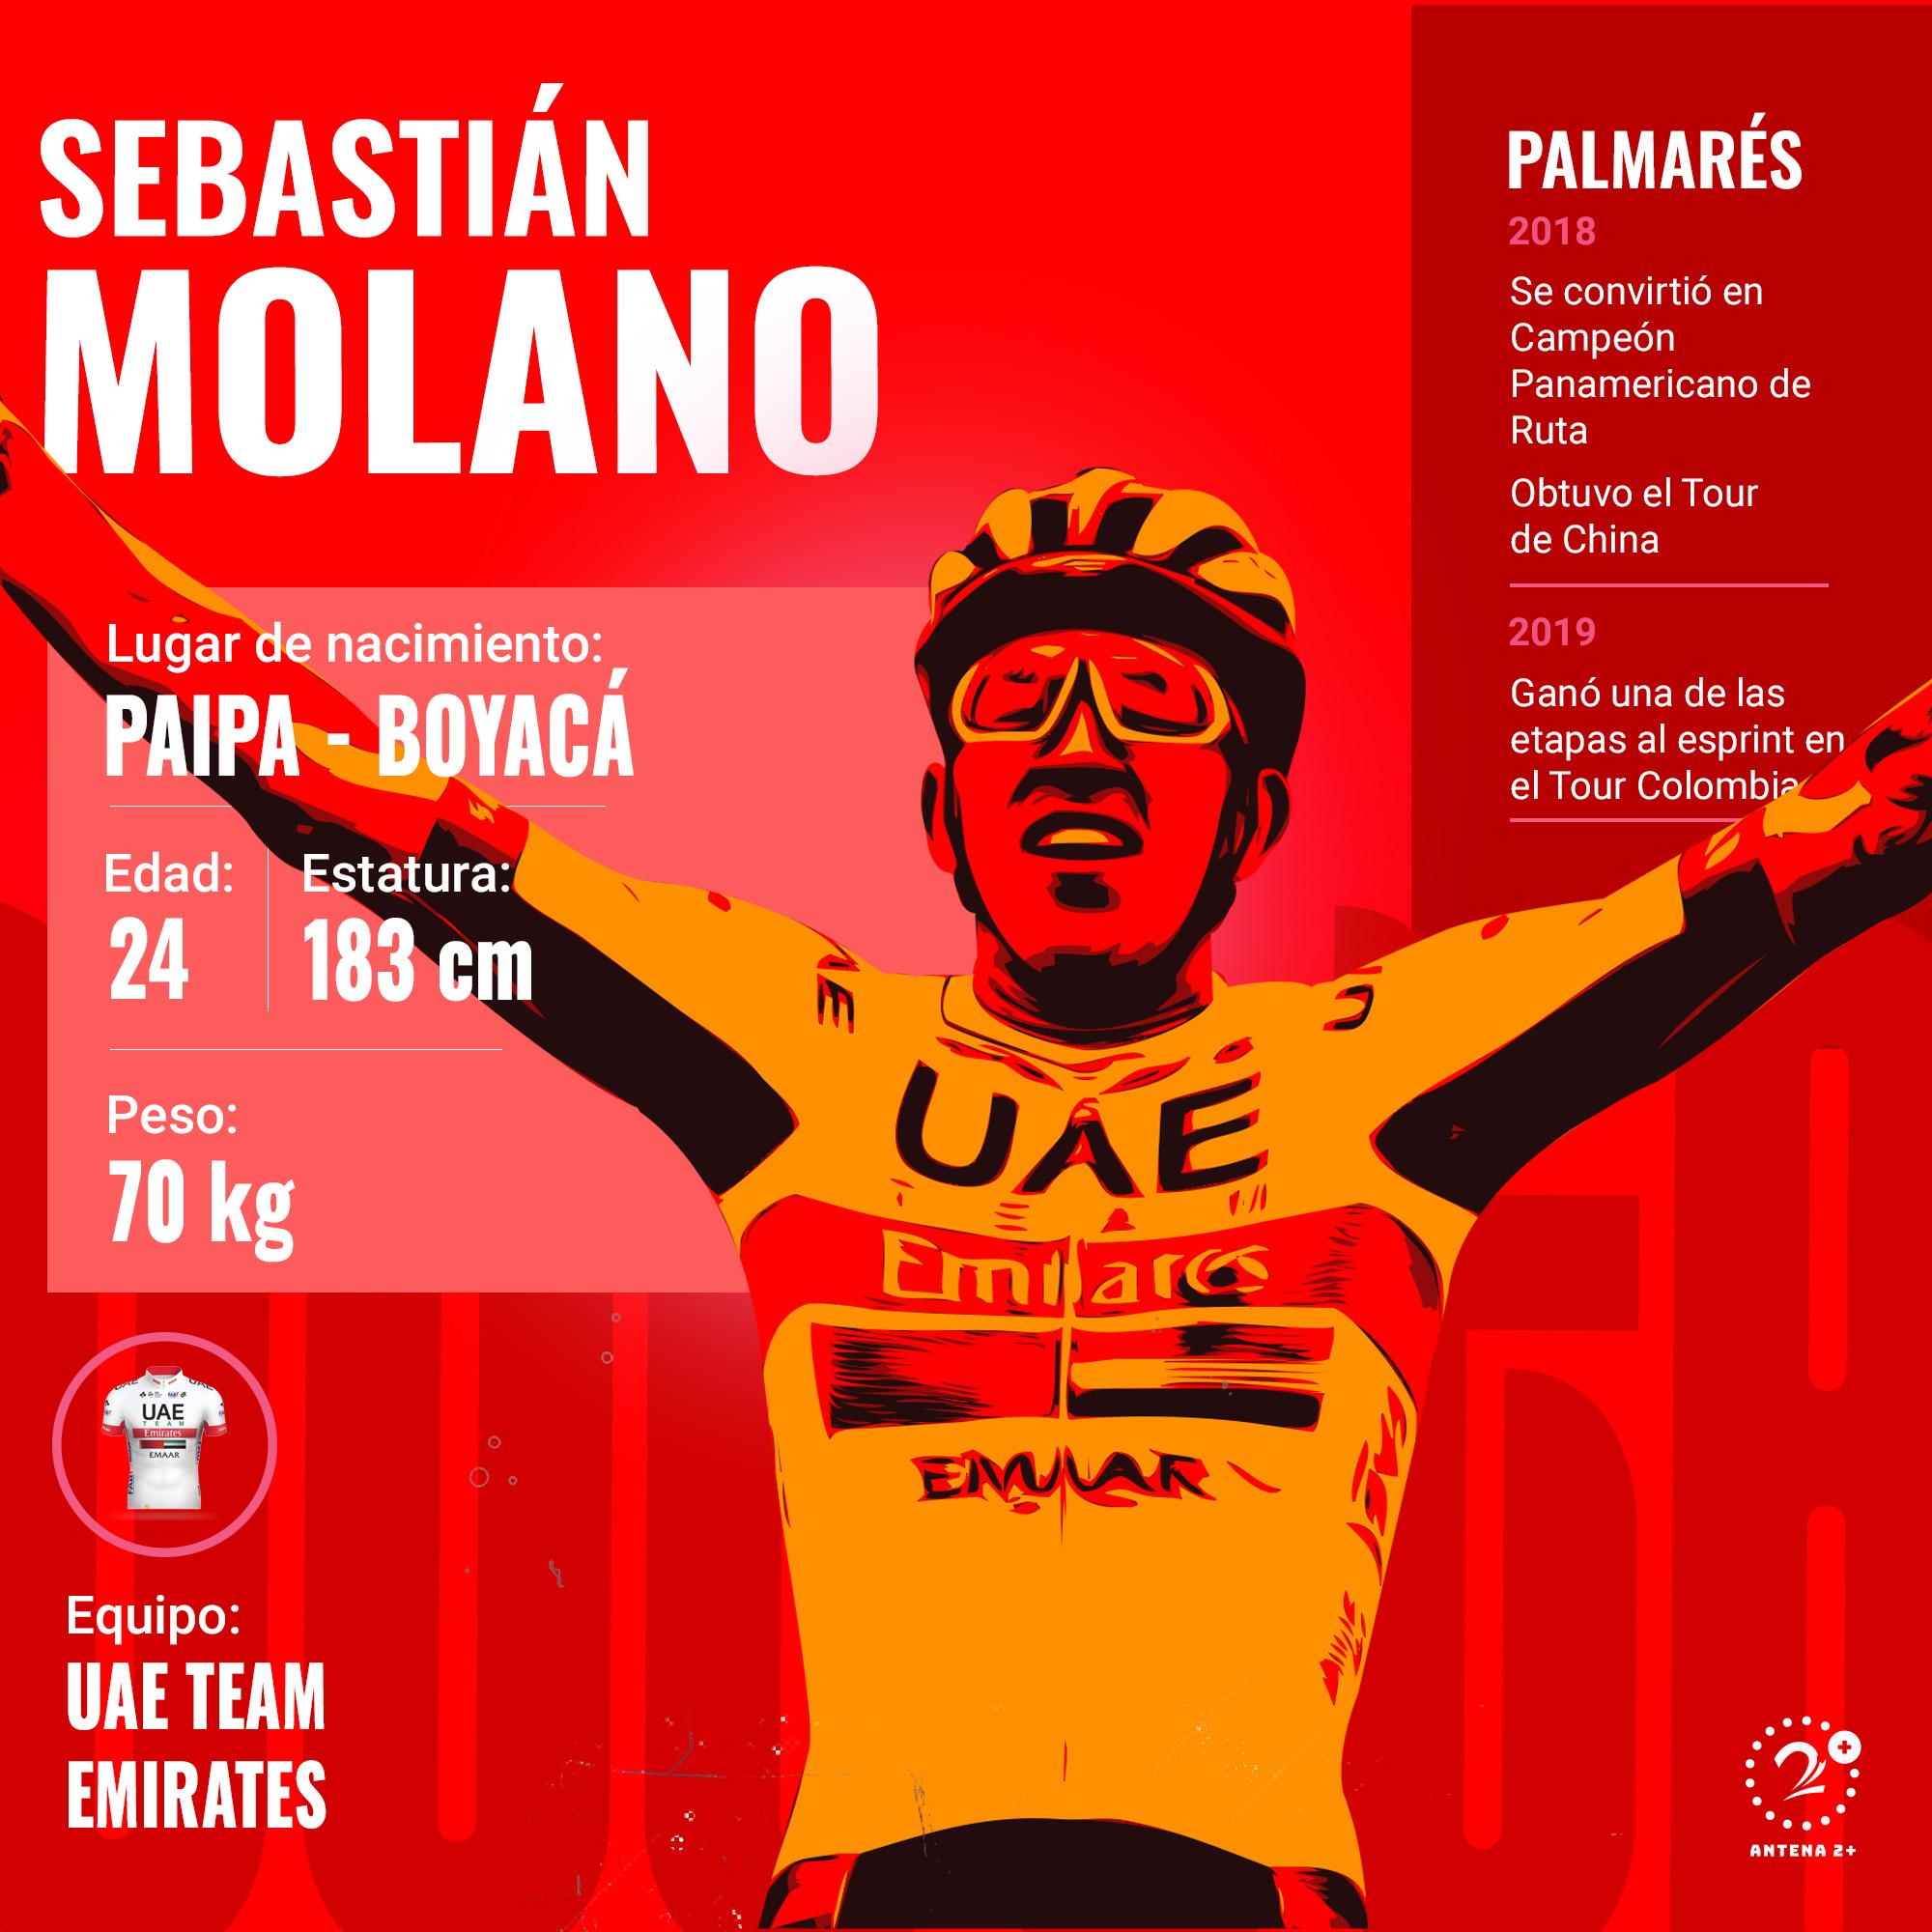 Juan Sebastián Molano, Vuelta a España 2019